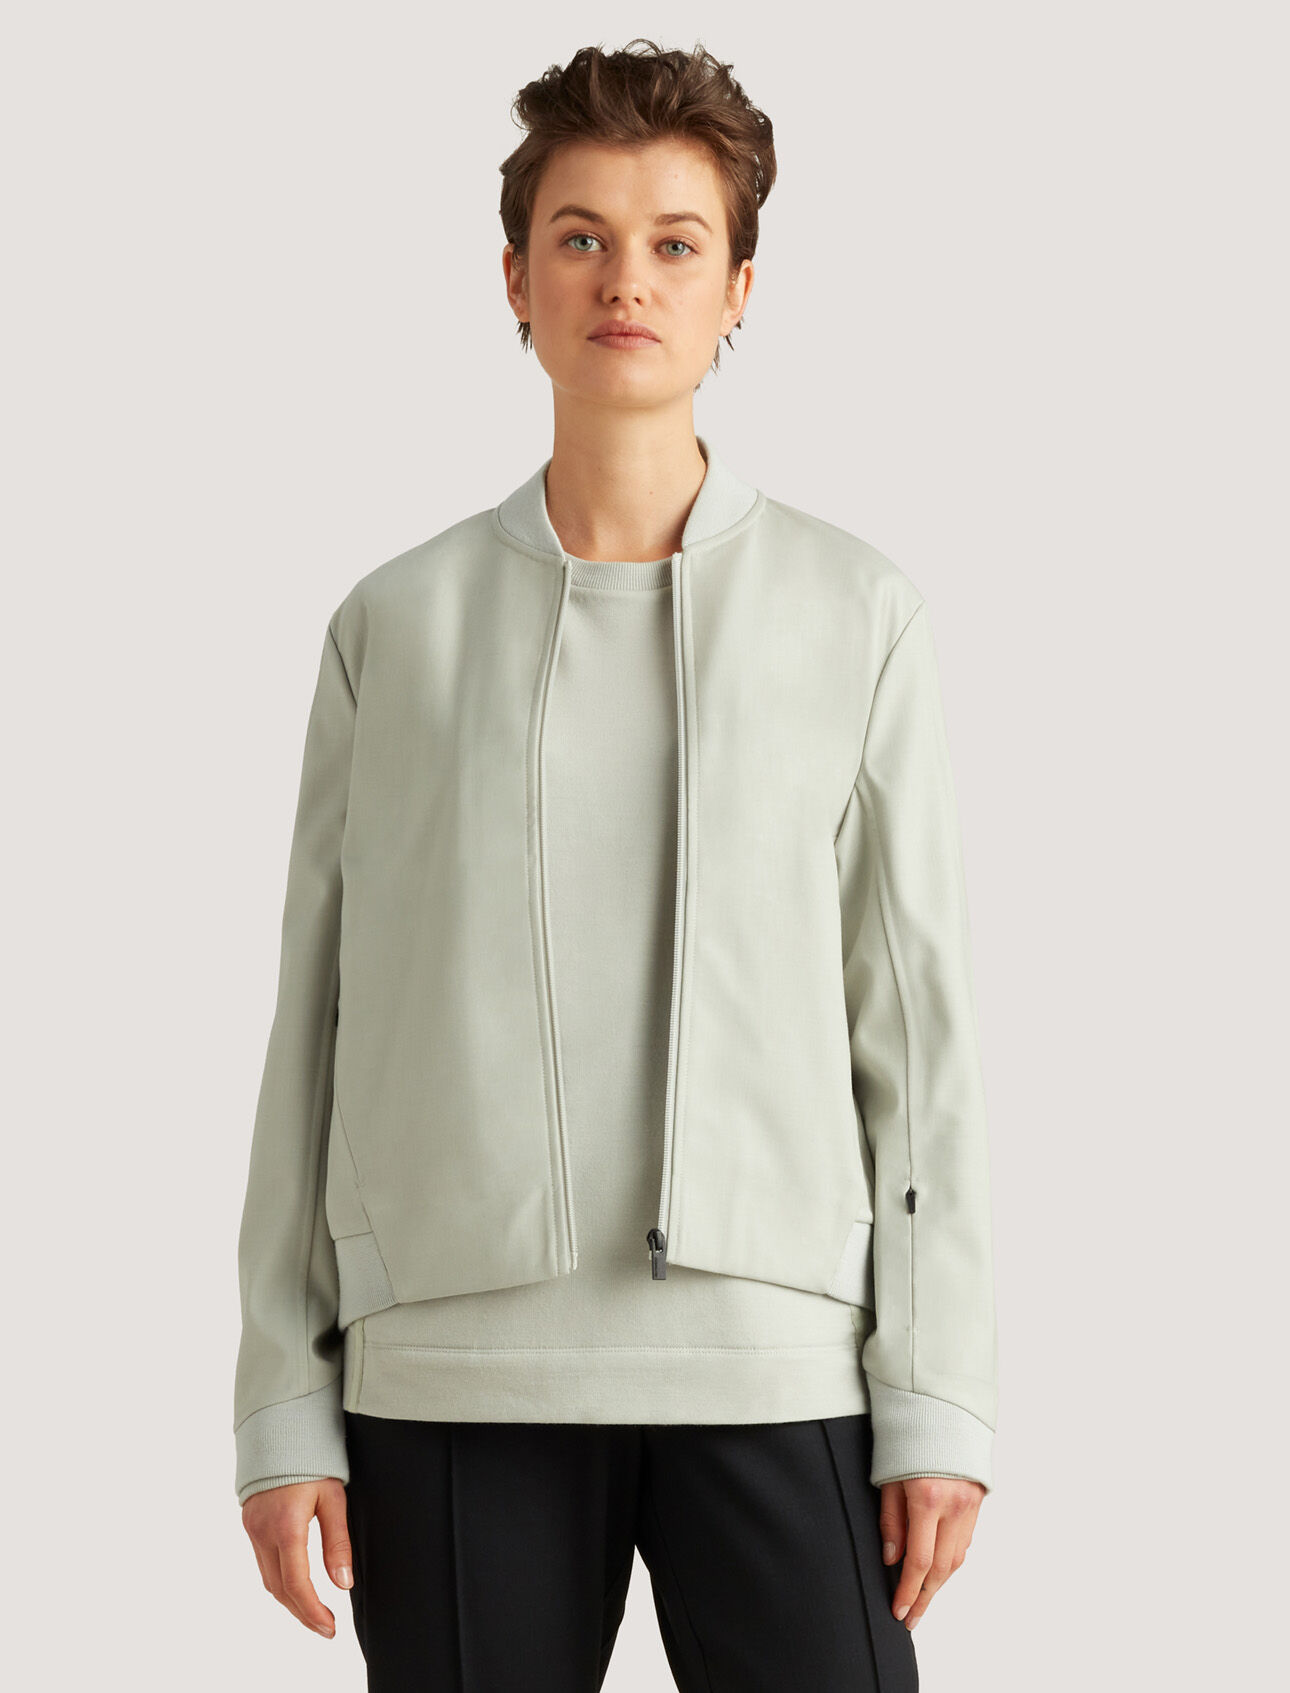 icebreaker City Label Cool-Lite™ Merino Bomber Jacket